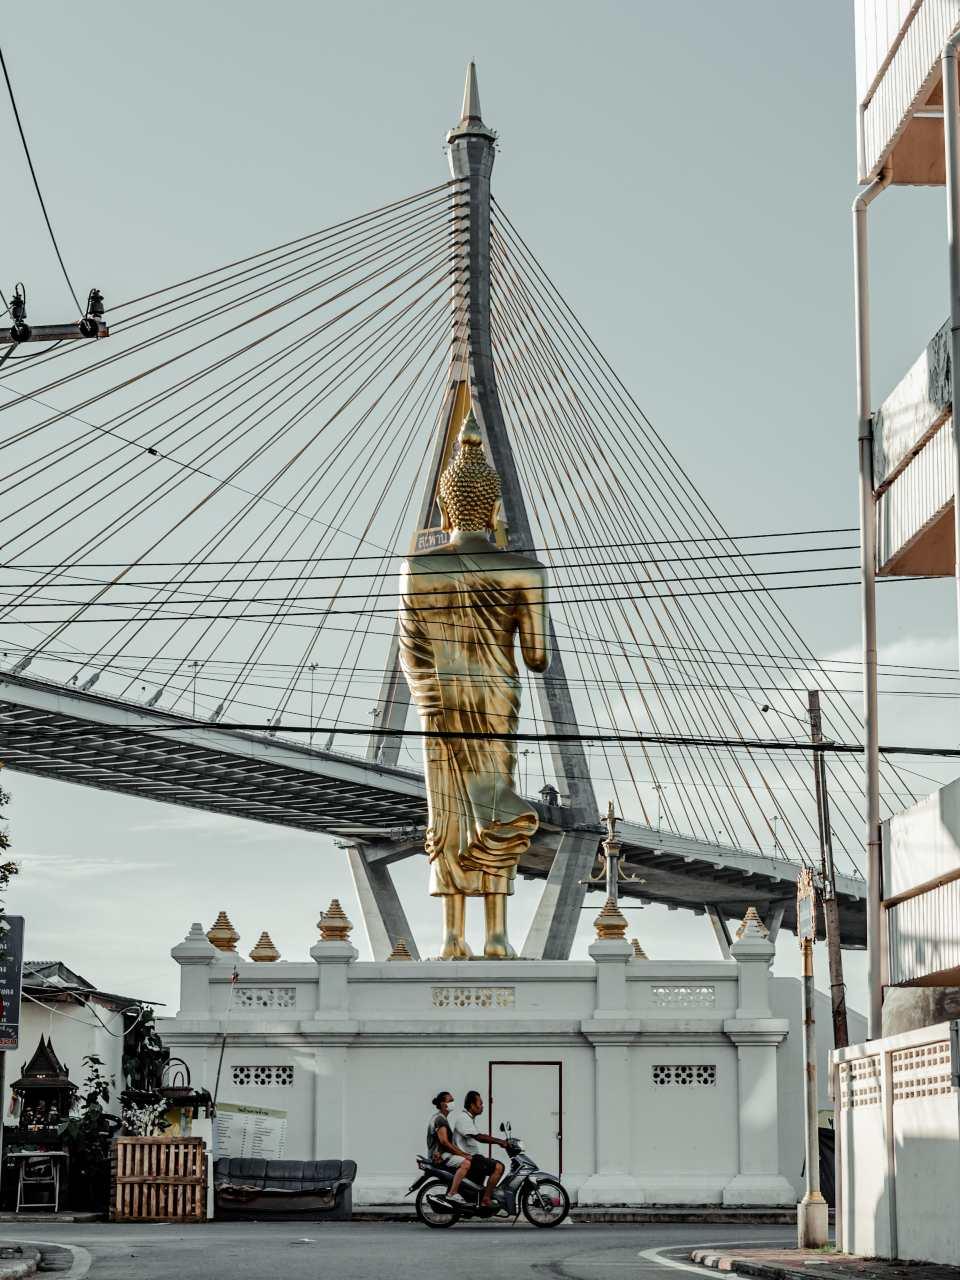 Phra Pra Daeng in Samutprakarn, Thailand